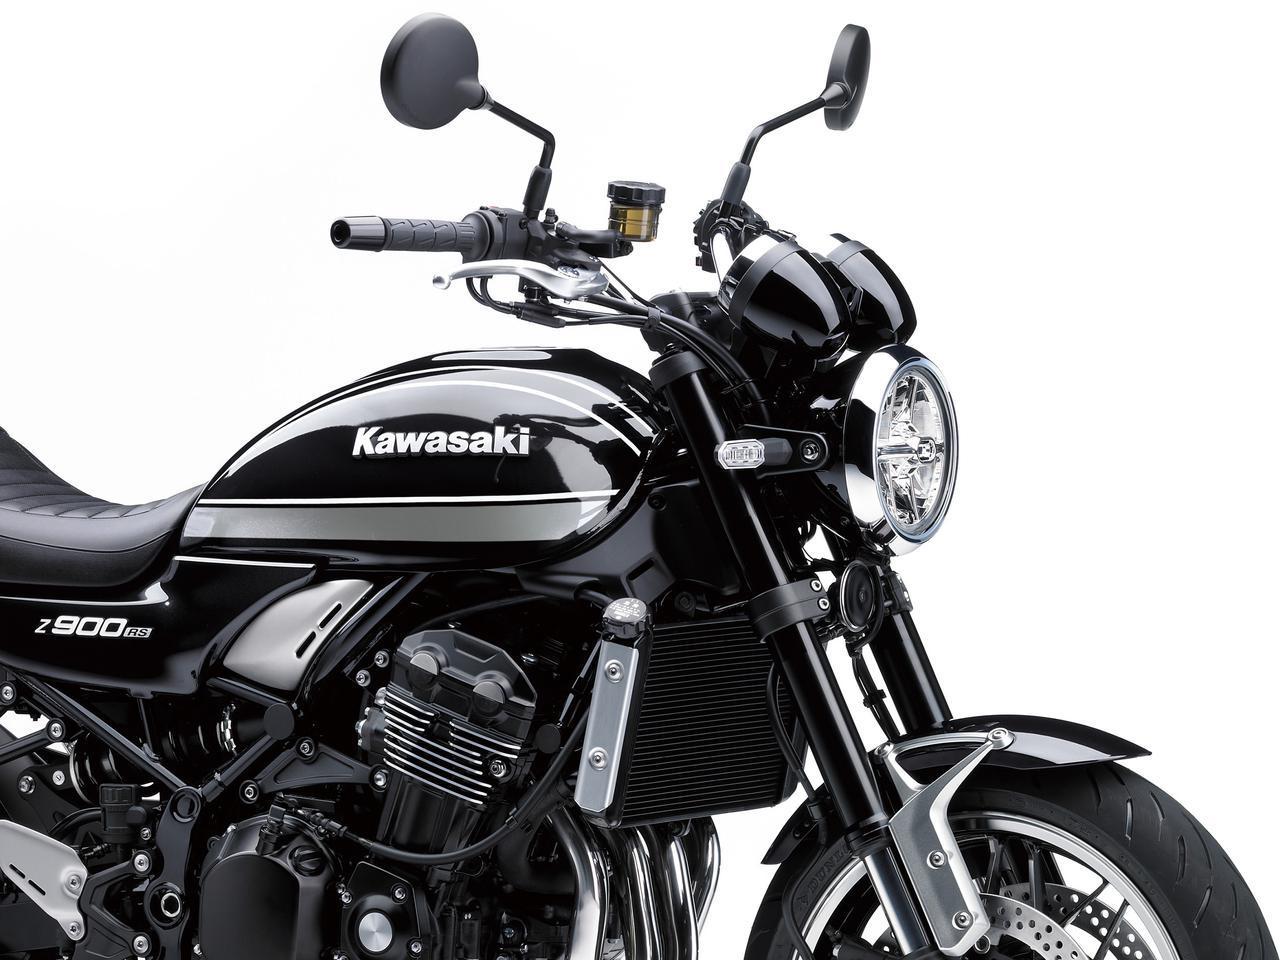 画像: カワサキが「Z900RS」の2021年モデルを発売! 2020年モデルとのカラーを比較してみよう - webオートバイ